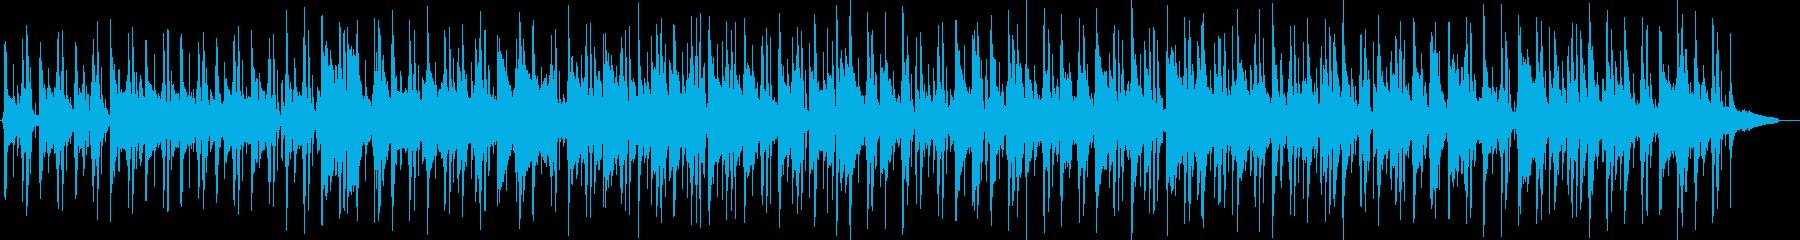 お洒落なチルアウトジャズの再生済みの波形